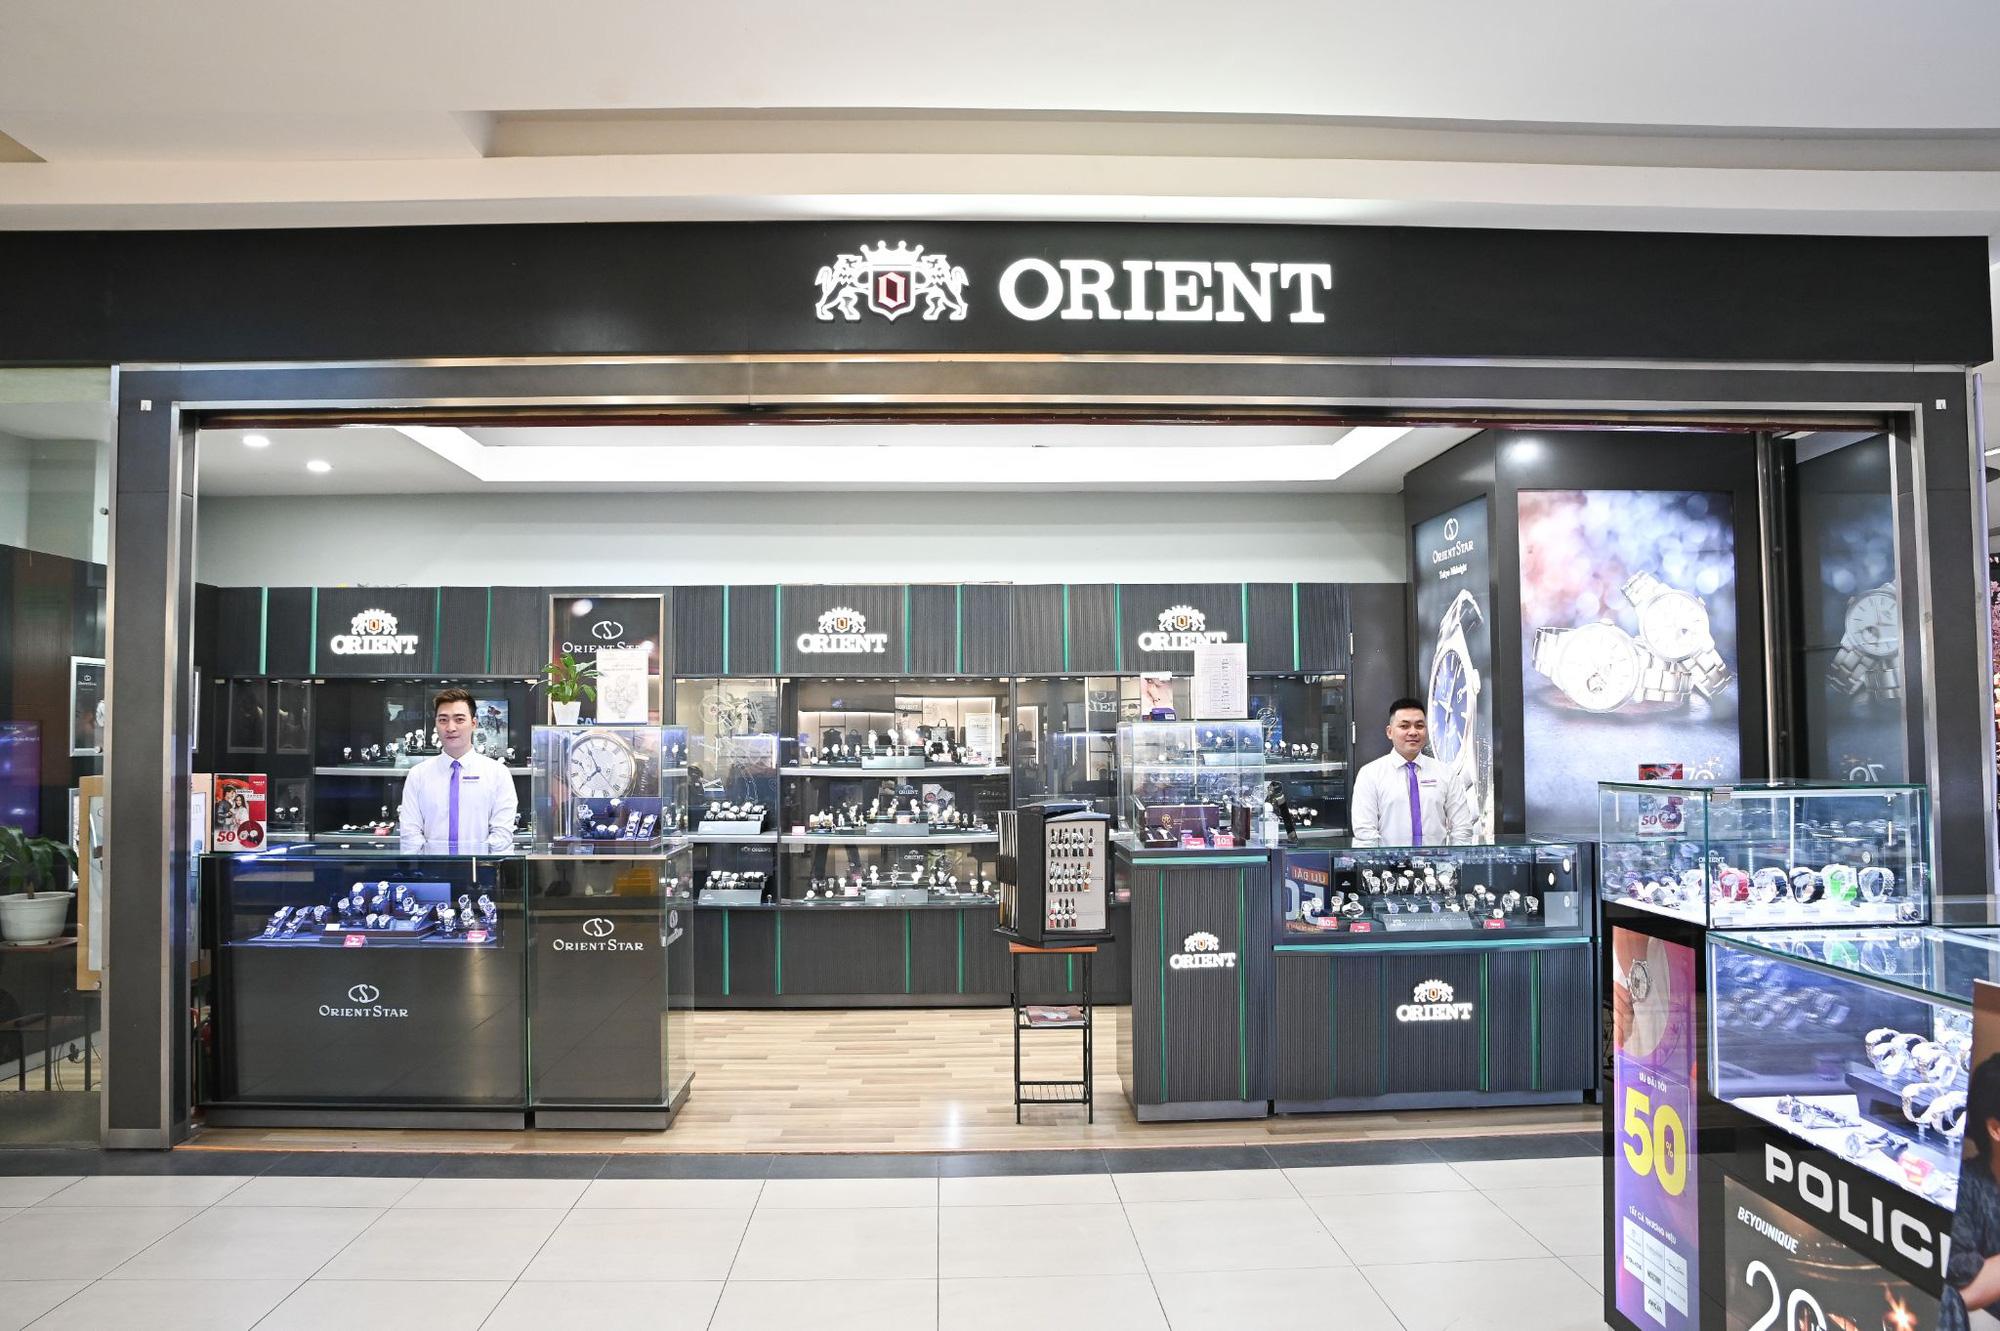 Orient và những mẫu đồng hồ dành riêng cho thị trường Việt - Ảnh 2.